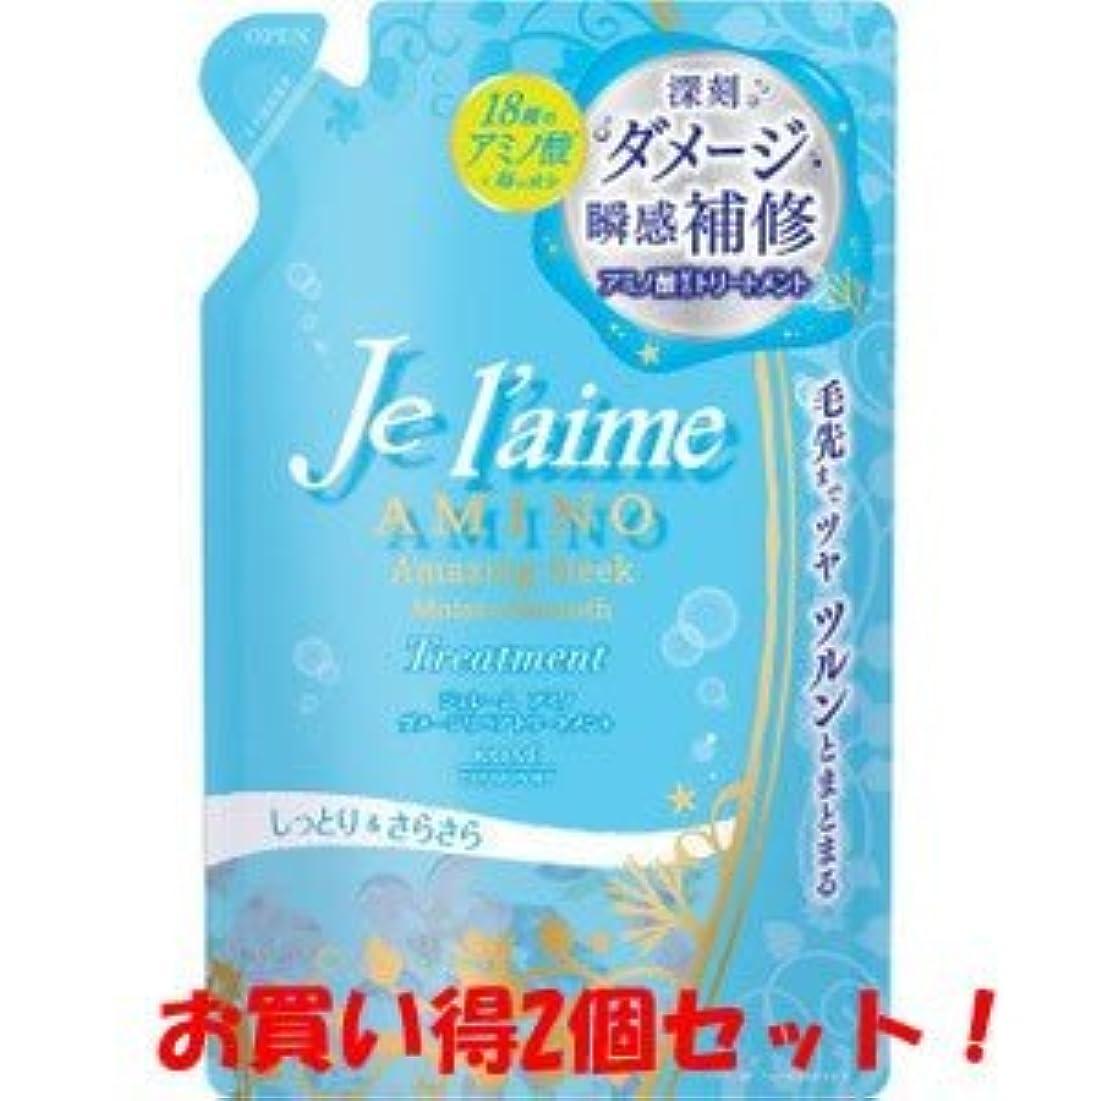 アパルインゲン迅速(コーセー)ジュレーム アミノ ダメージリペア トリートメント モイスト&スムース つめかえ用 400ml(お買い得2個セット)